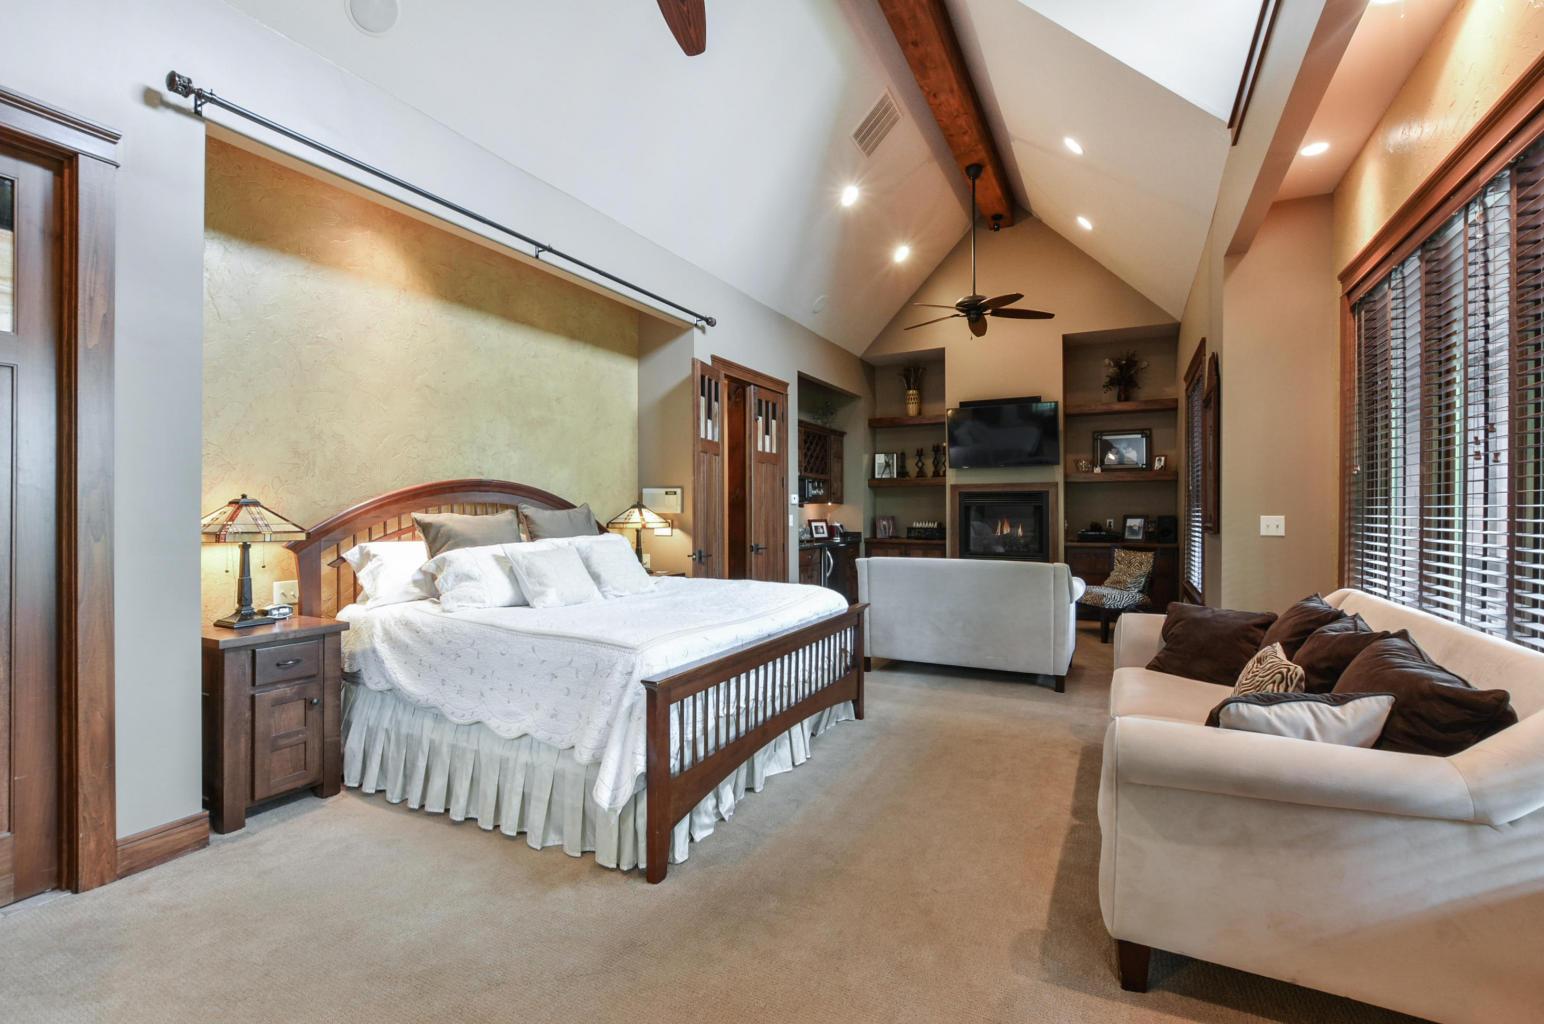 Branson Area Master Suite